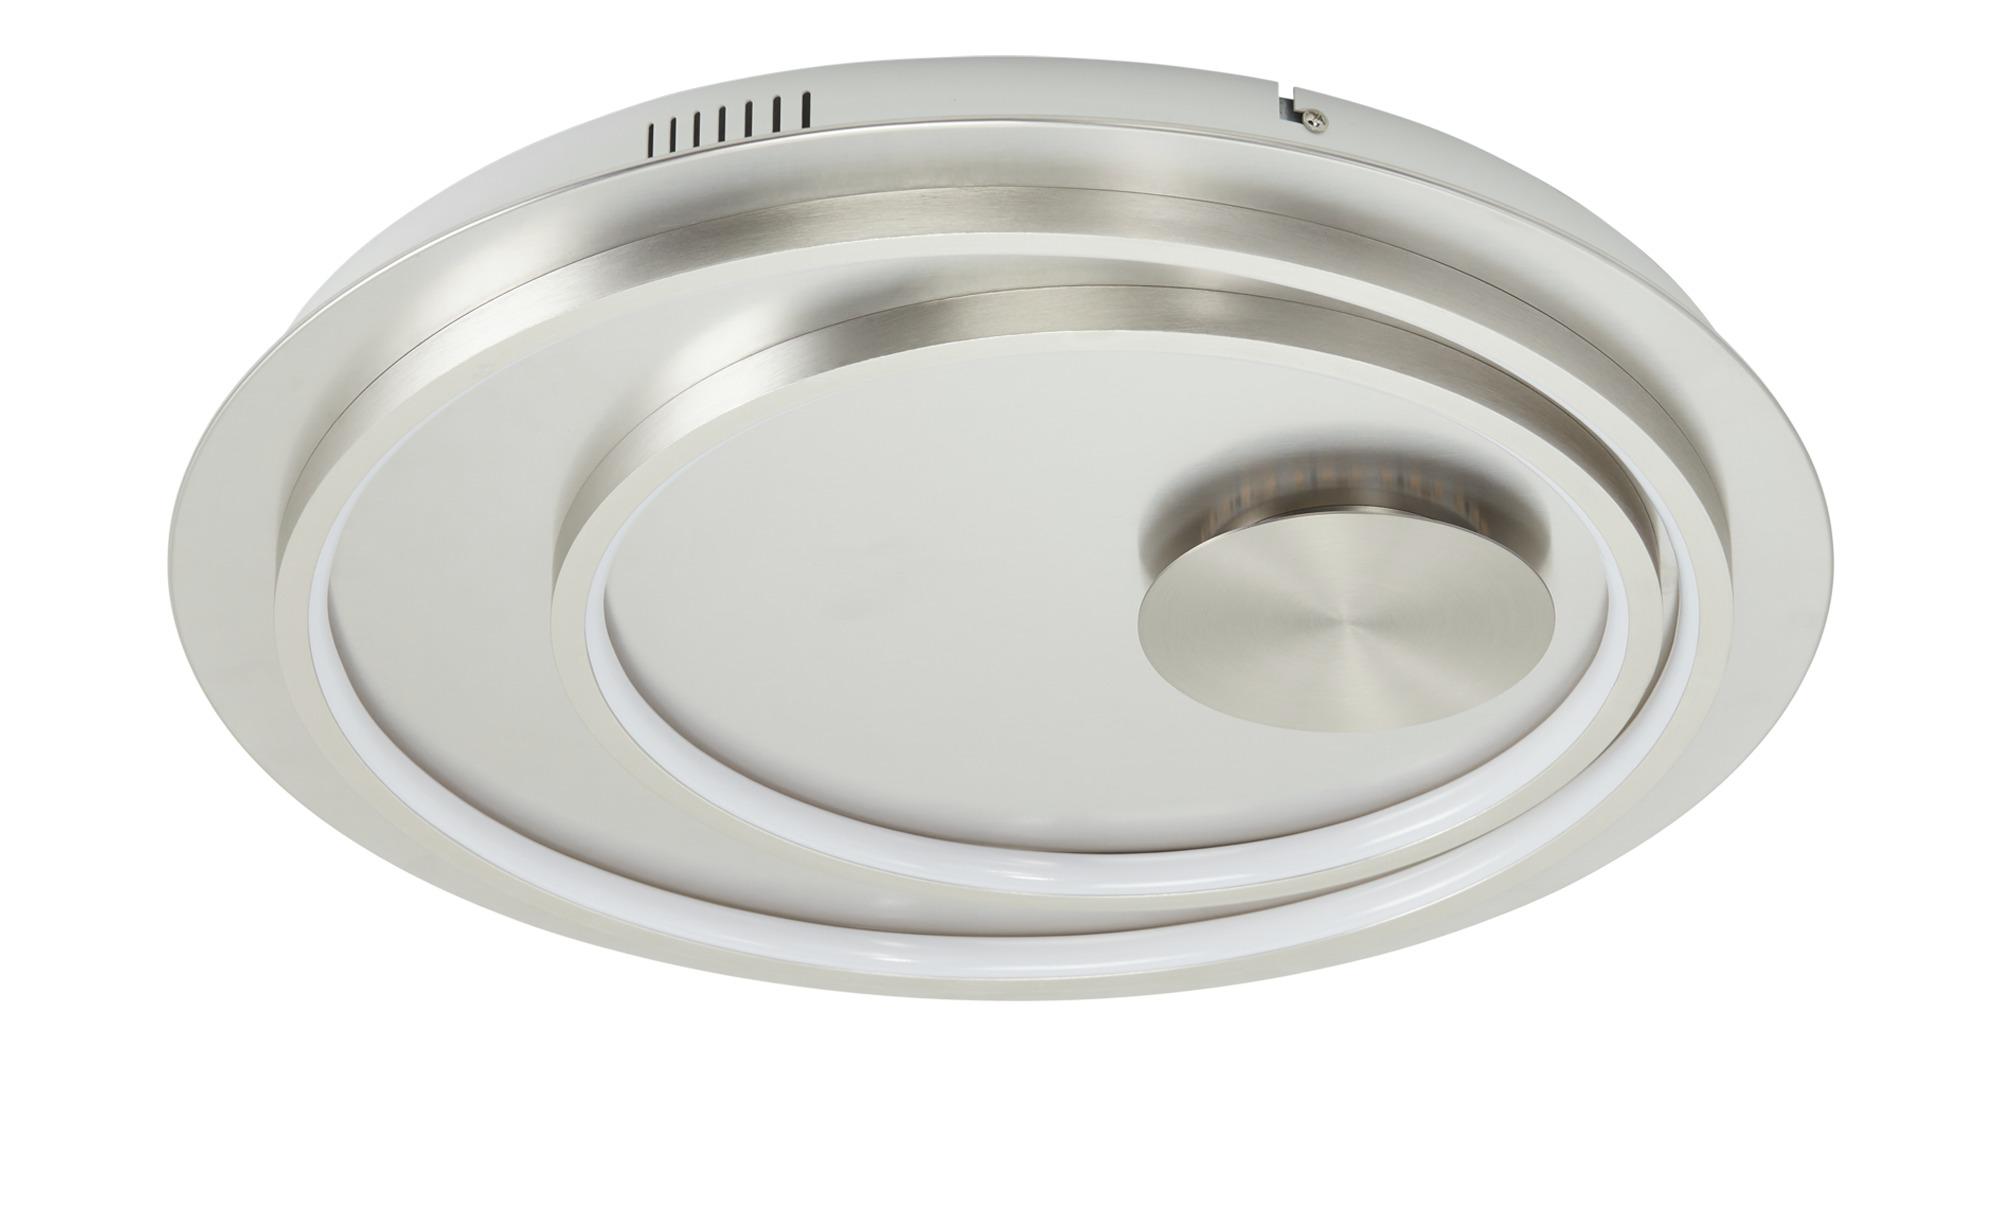 KHG LED-Deckenleuchte, 1-flammig, nickel-matt ¦ silber ¦ Maße (cm): H: 5 Ø: 48 Lampen & Leuchten > Innenleuchten > Deckenleuchten - Höffner